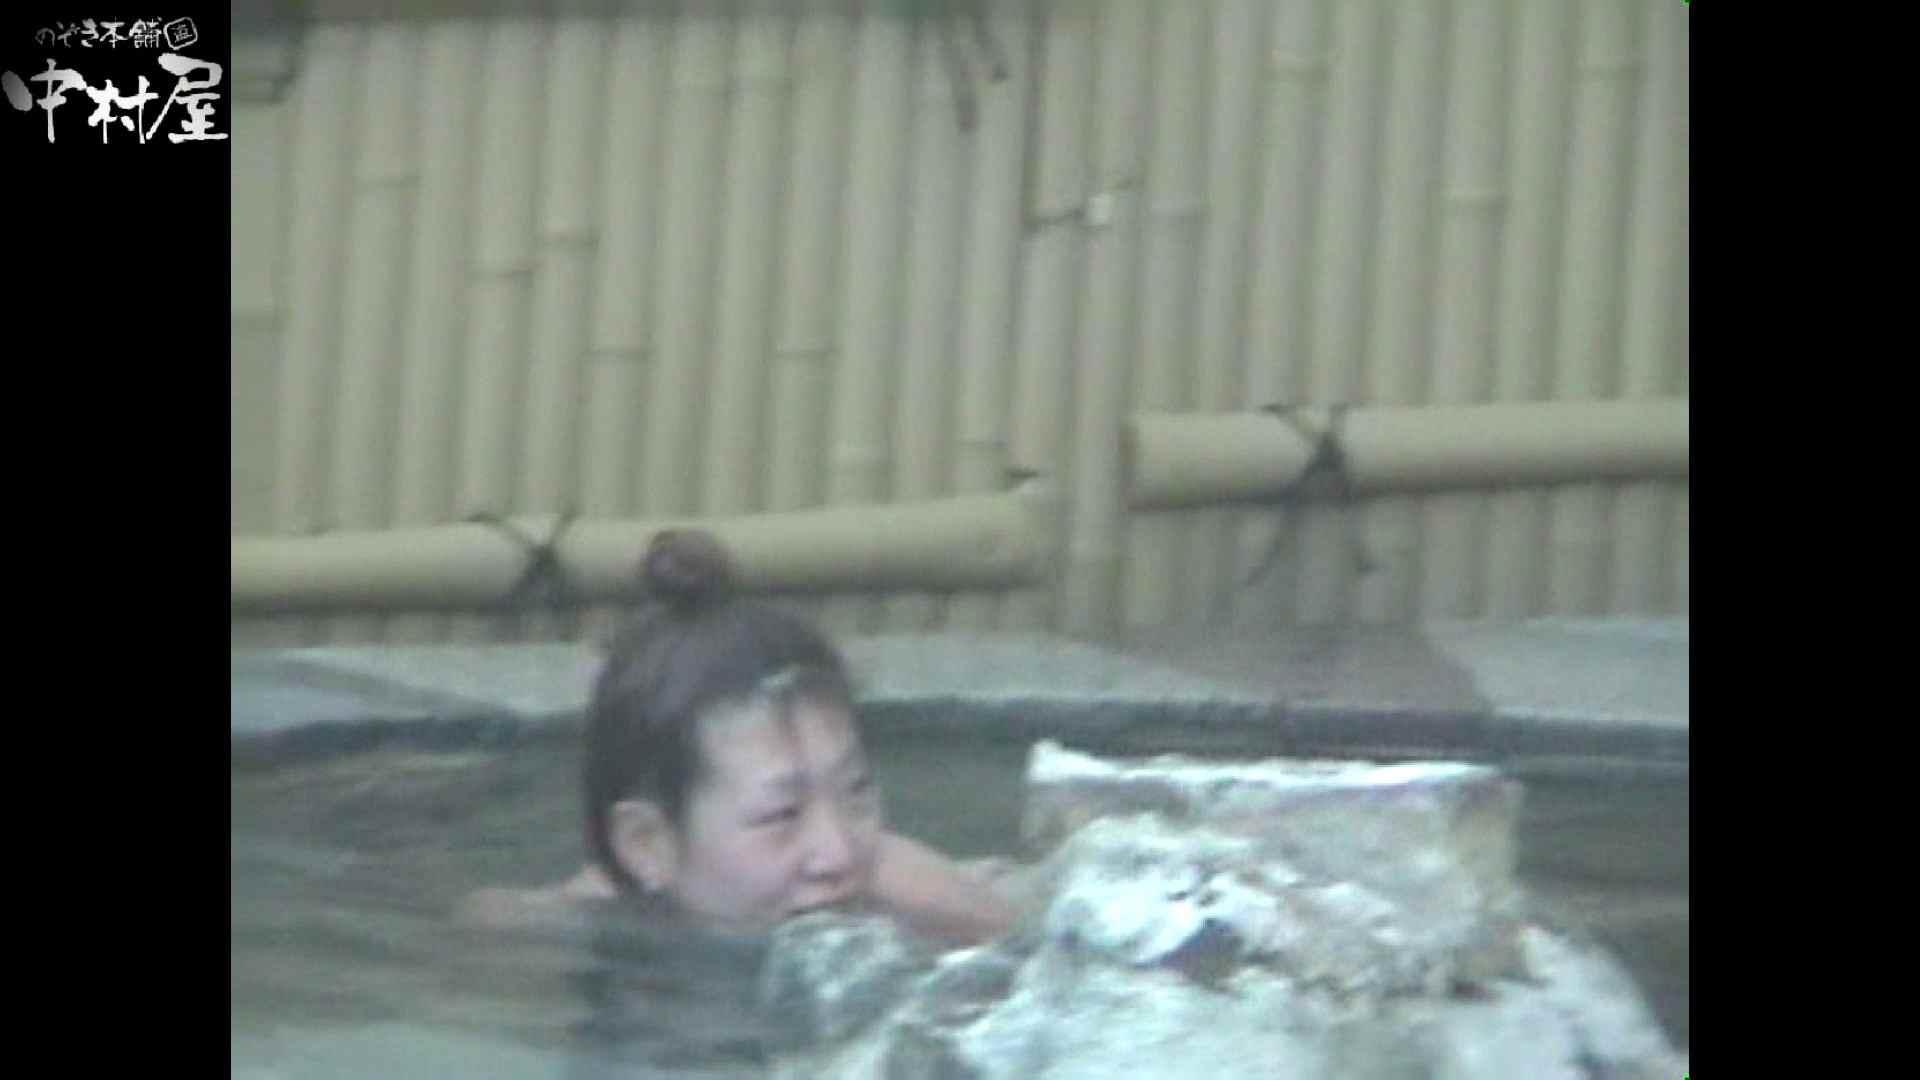 Aquaな露天風呂Vol.974 盗撮シリーズ  104PIX 20